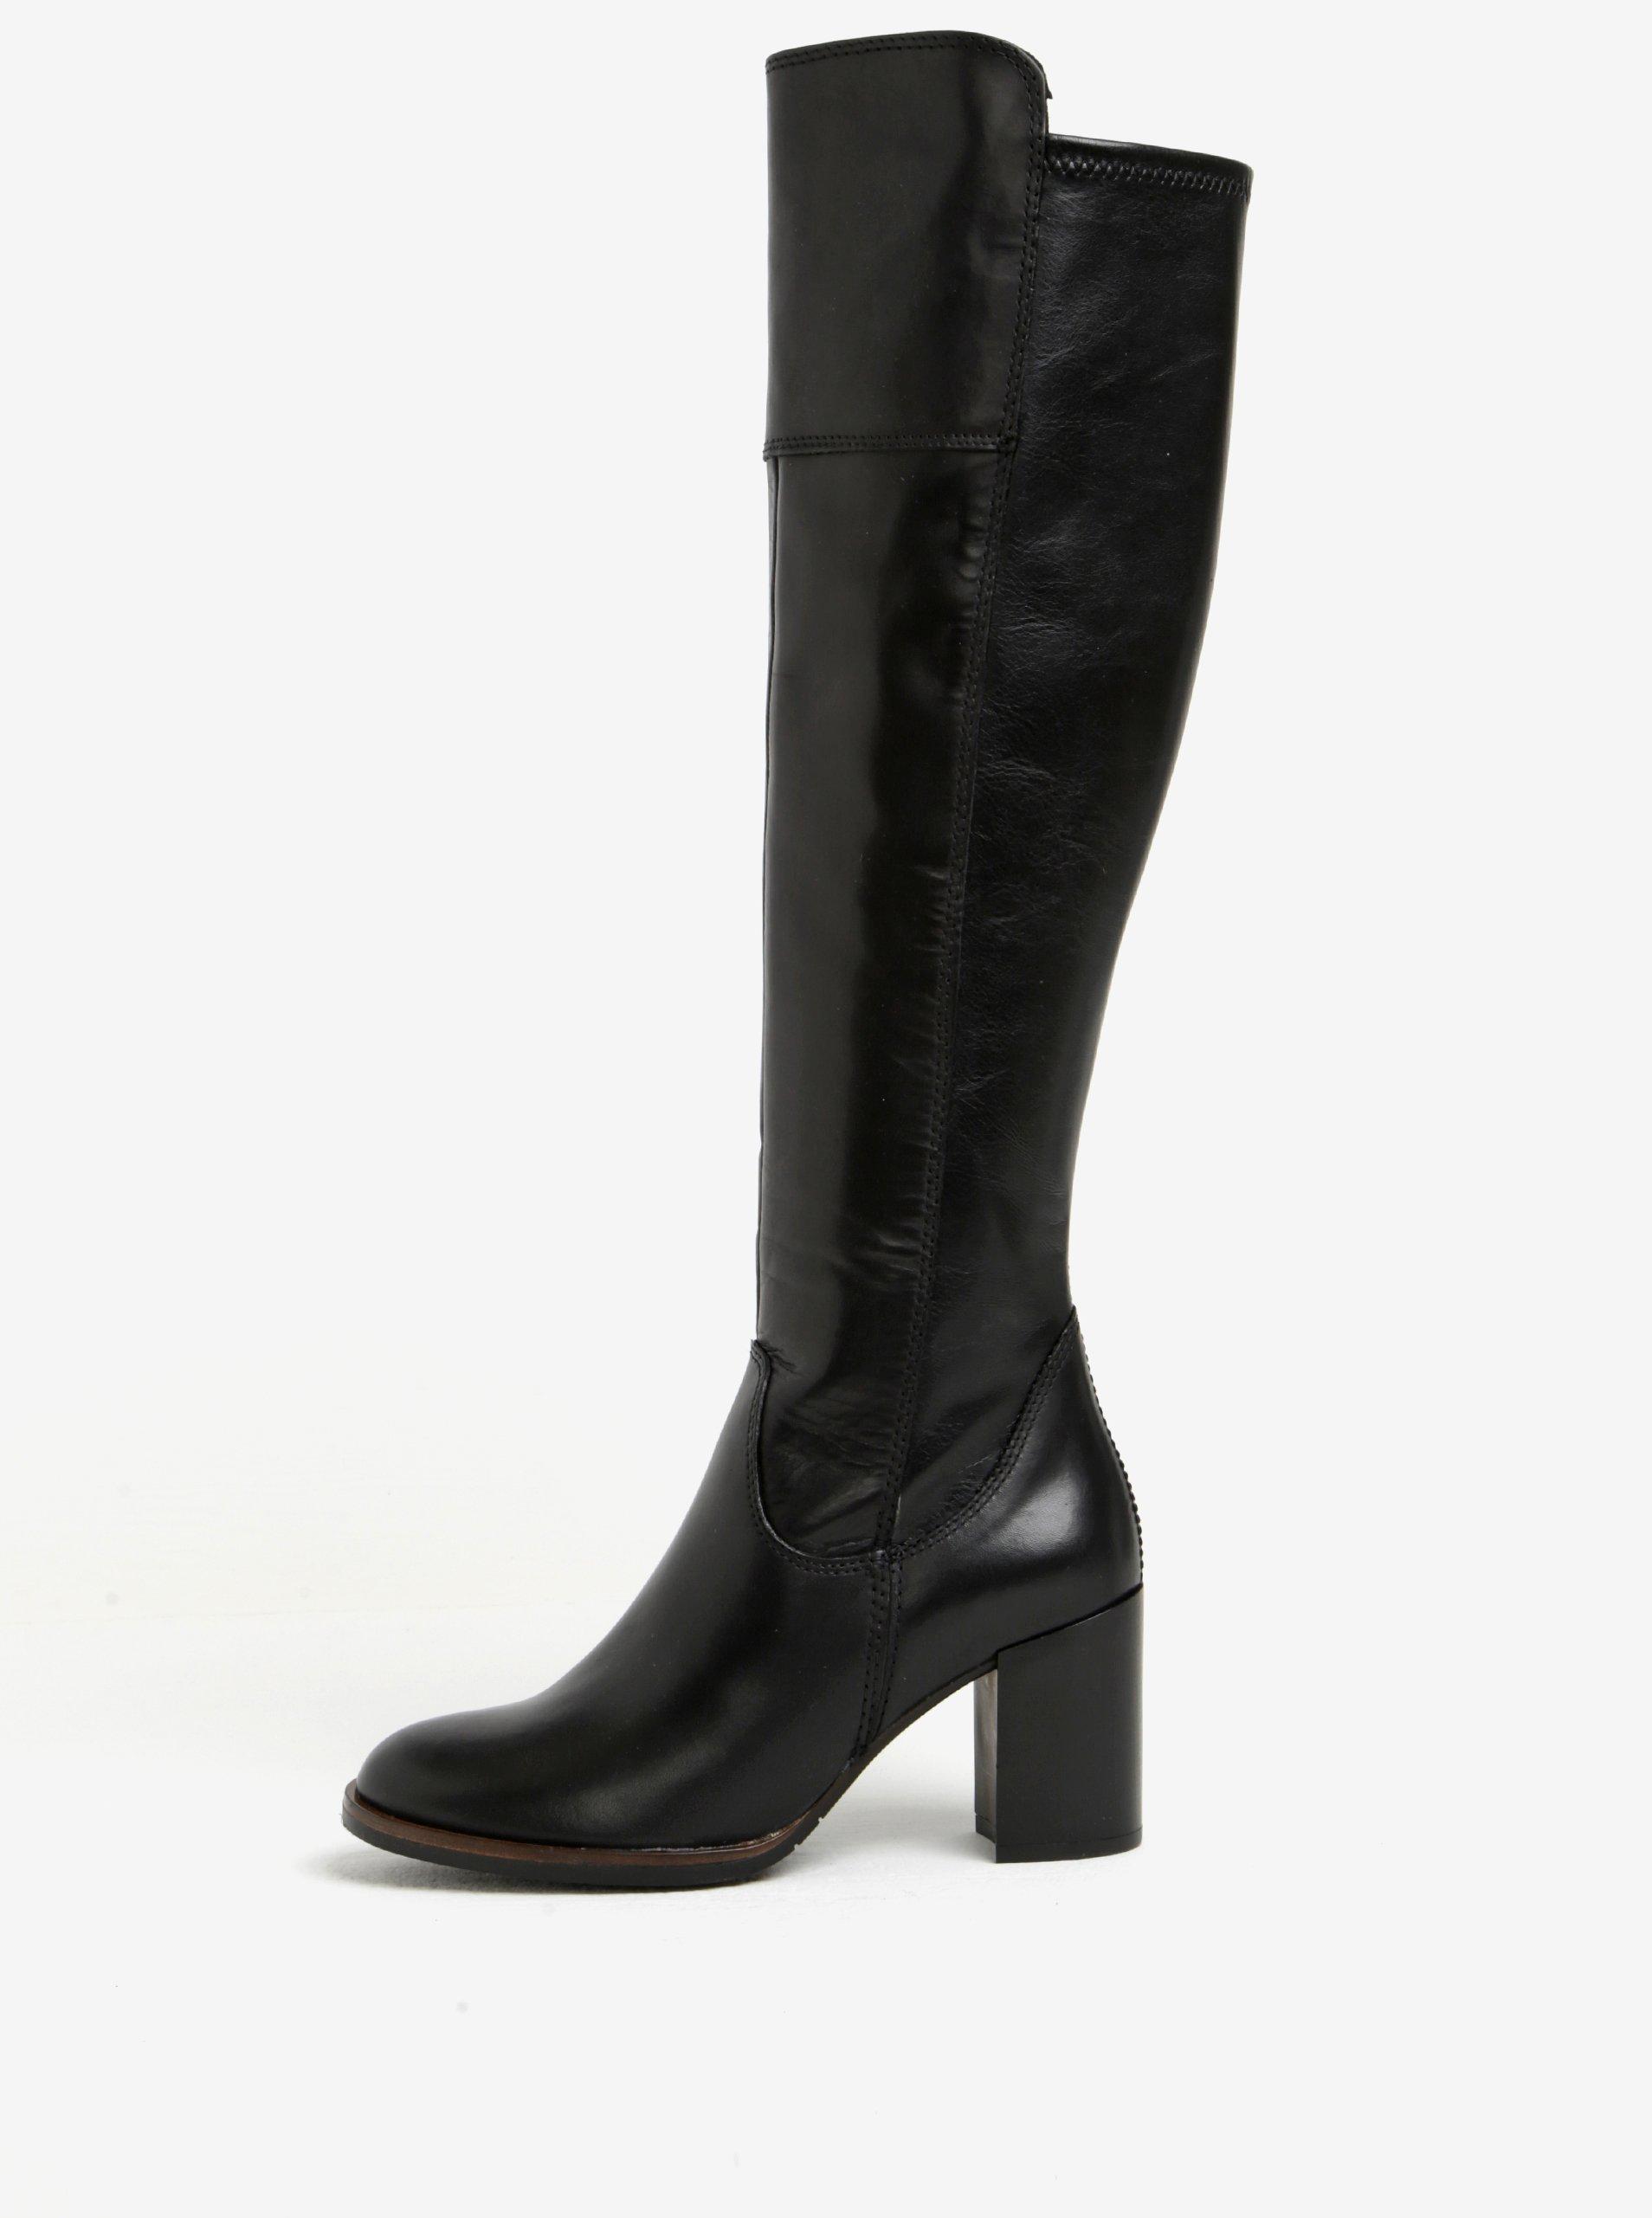 42acdaf8ee1bb Čierne vysoké kožené čižmy na podpätku Tamaris | Moda.sk